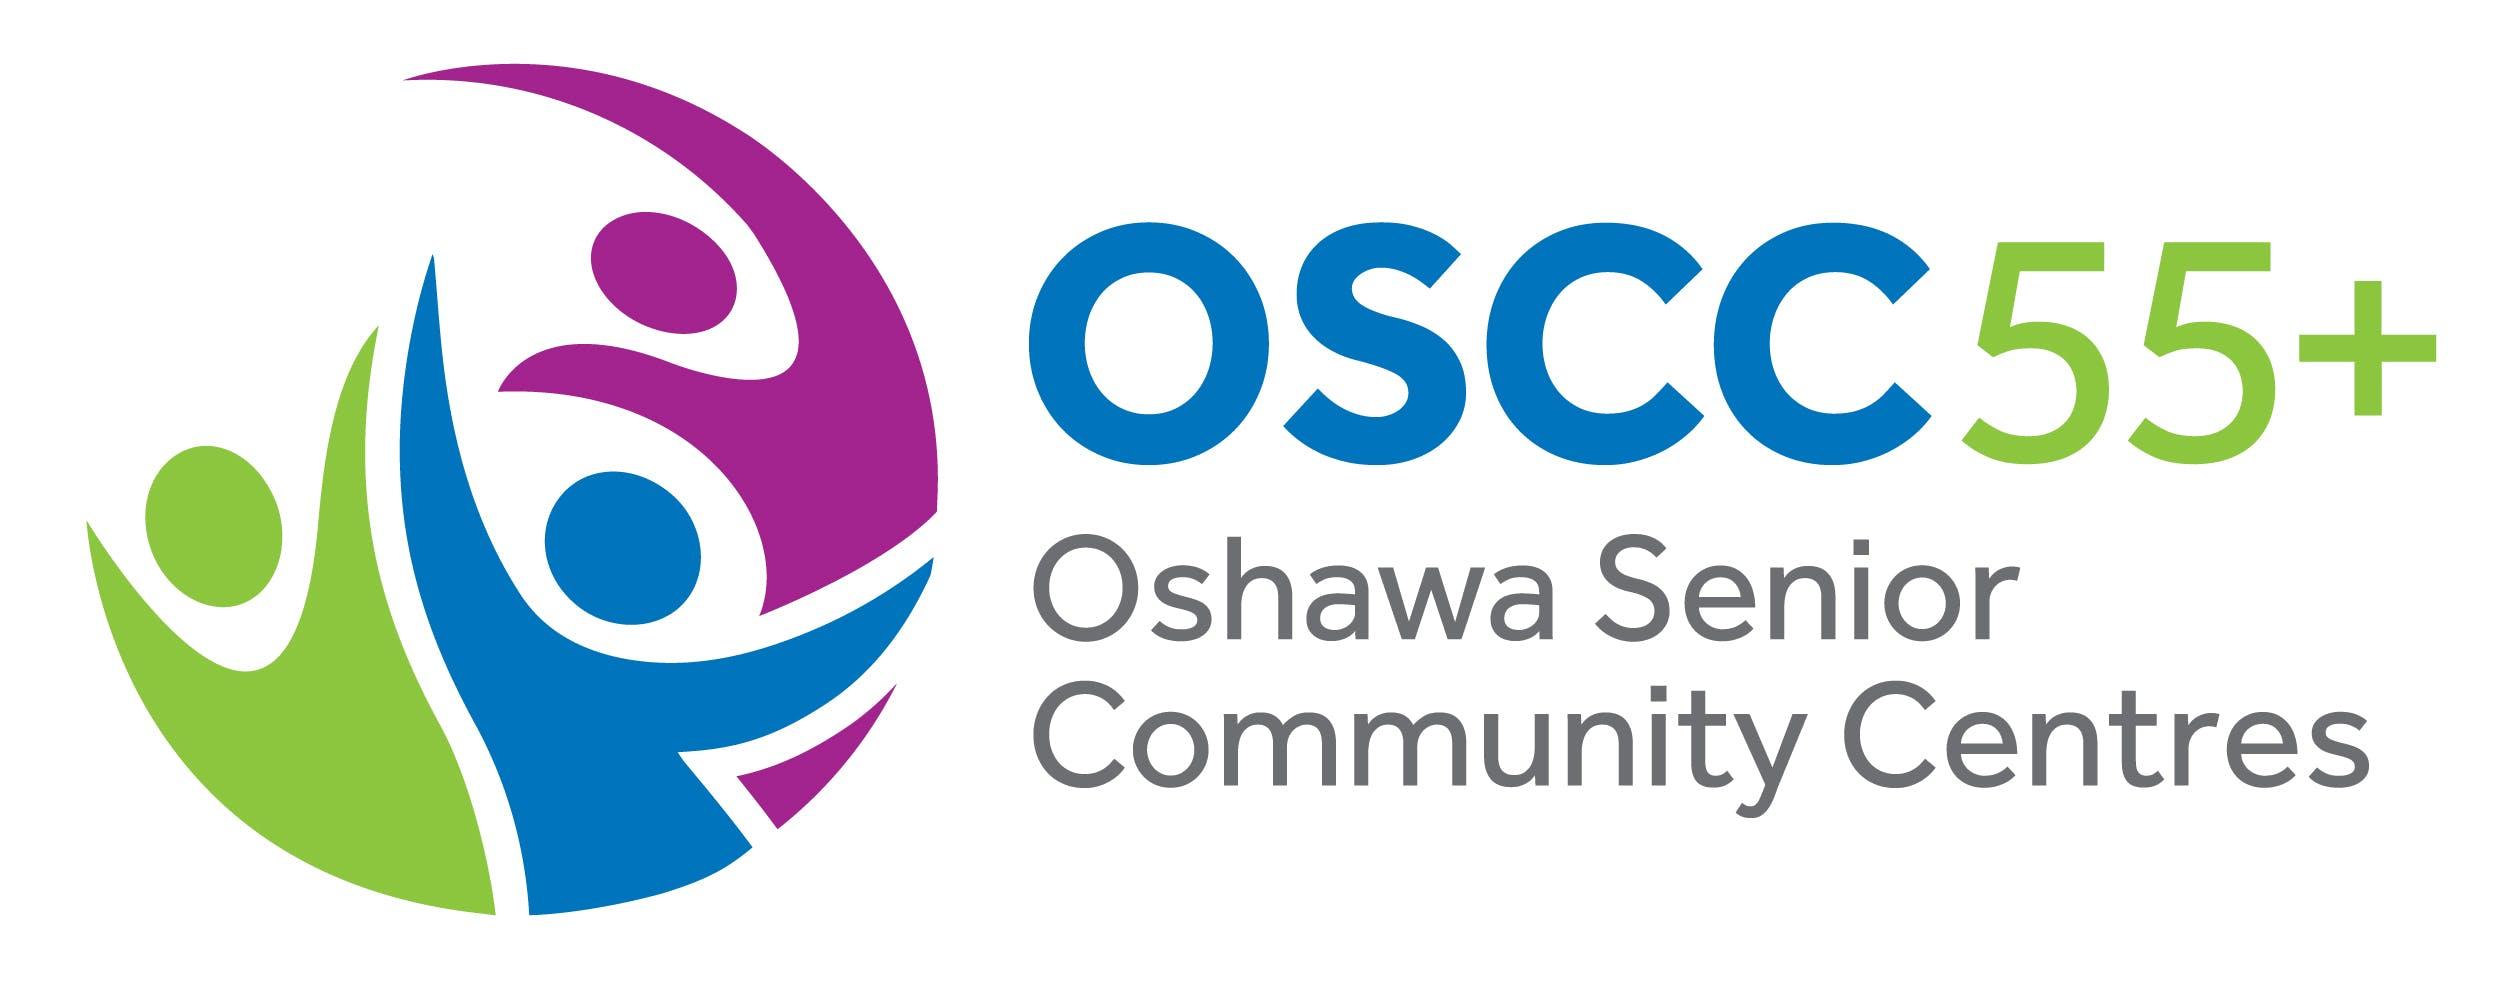 OSCC55+ logo